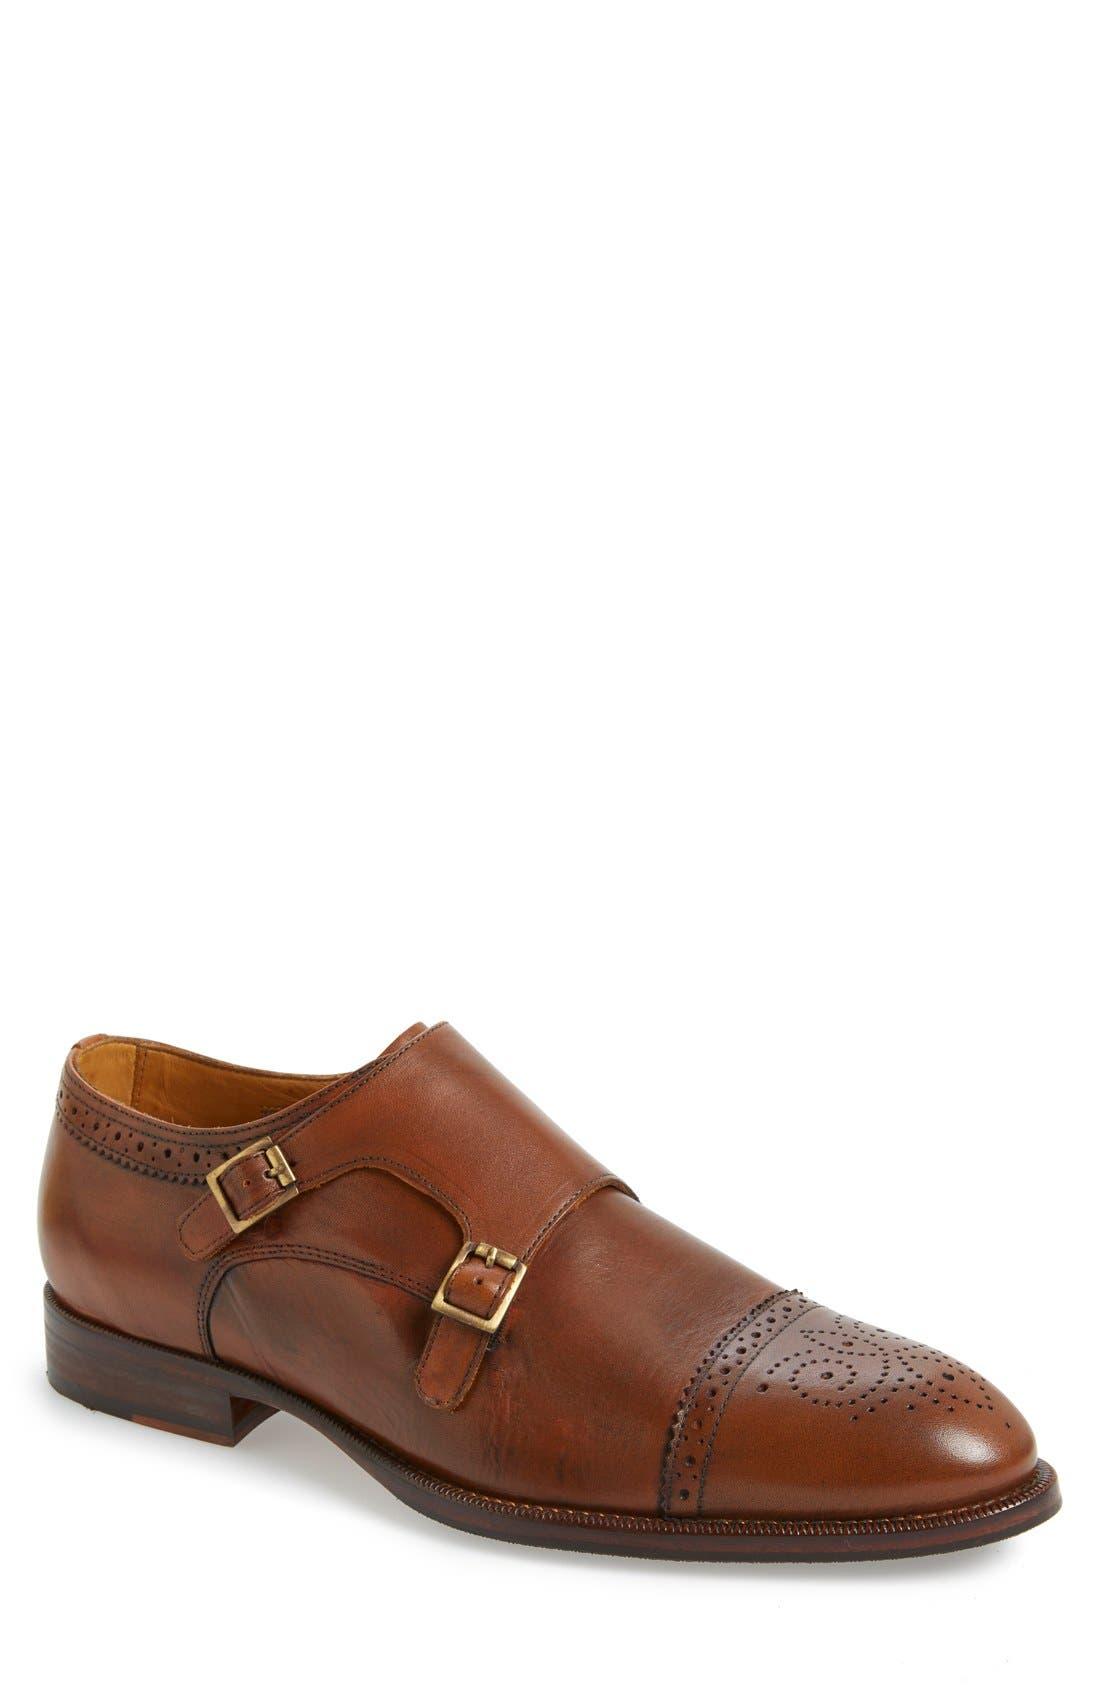 Main Image - Vince Camuto 'Briant' Double Monk Strap Shoe (Men)